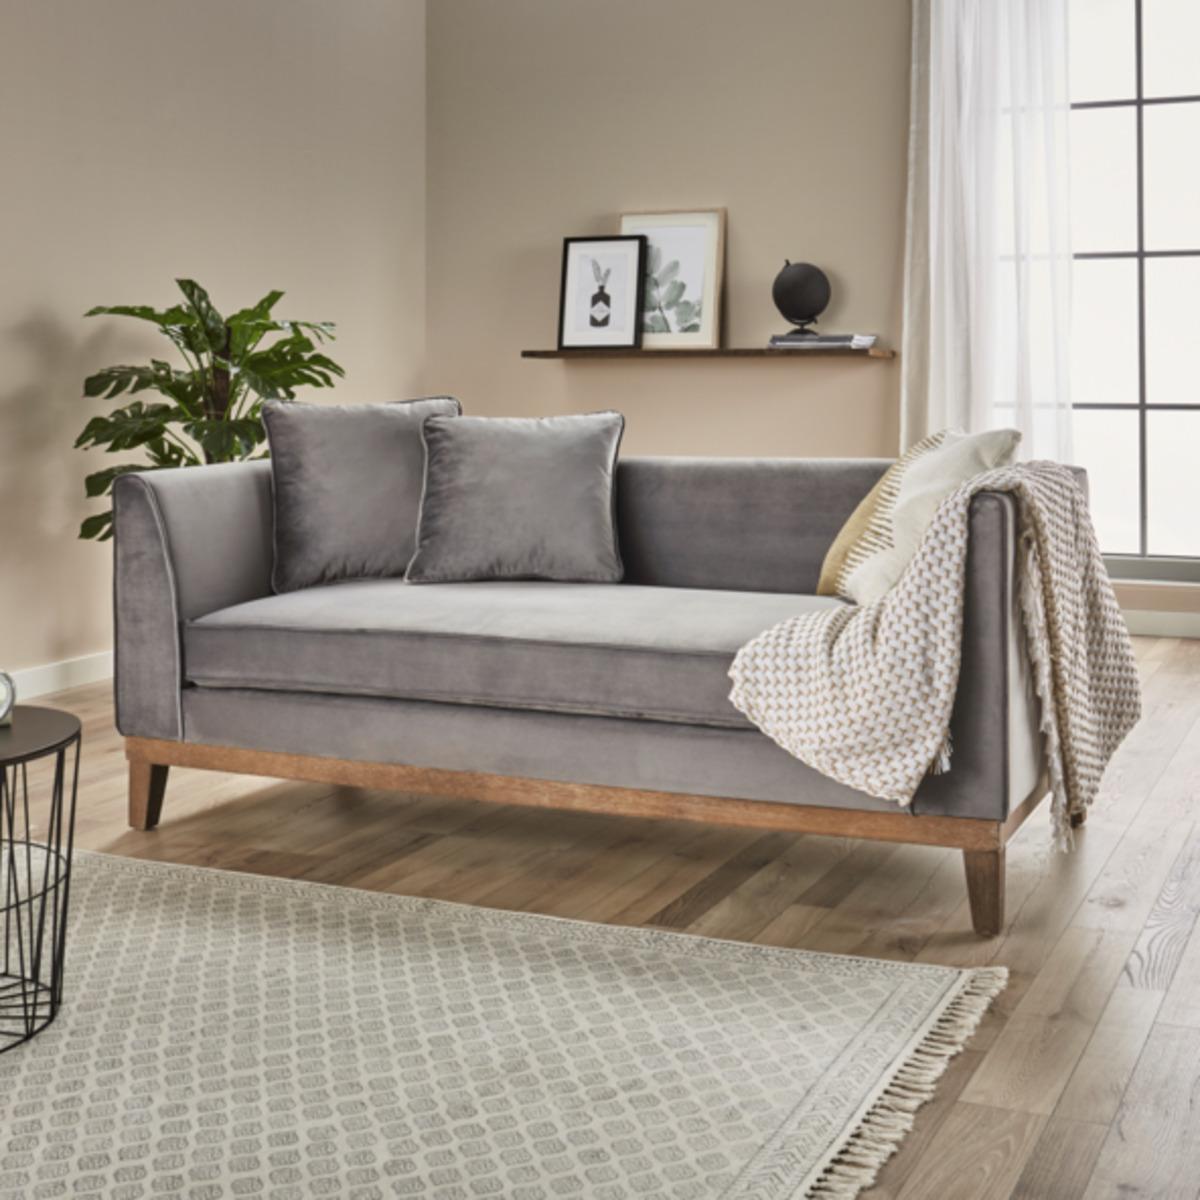 Bild 2 von Samt-Sofa im skandinavischen Stil, 2-Sitzer, grau